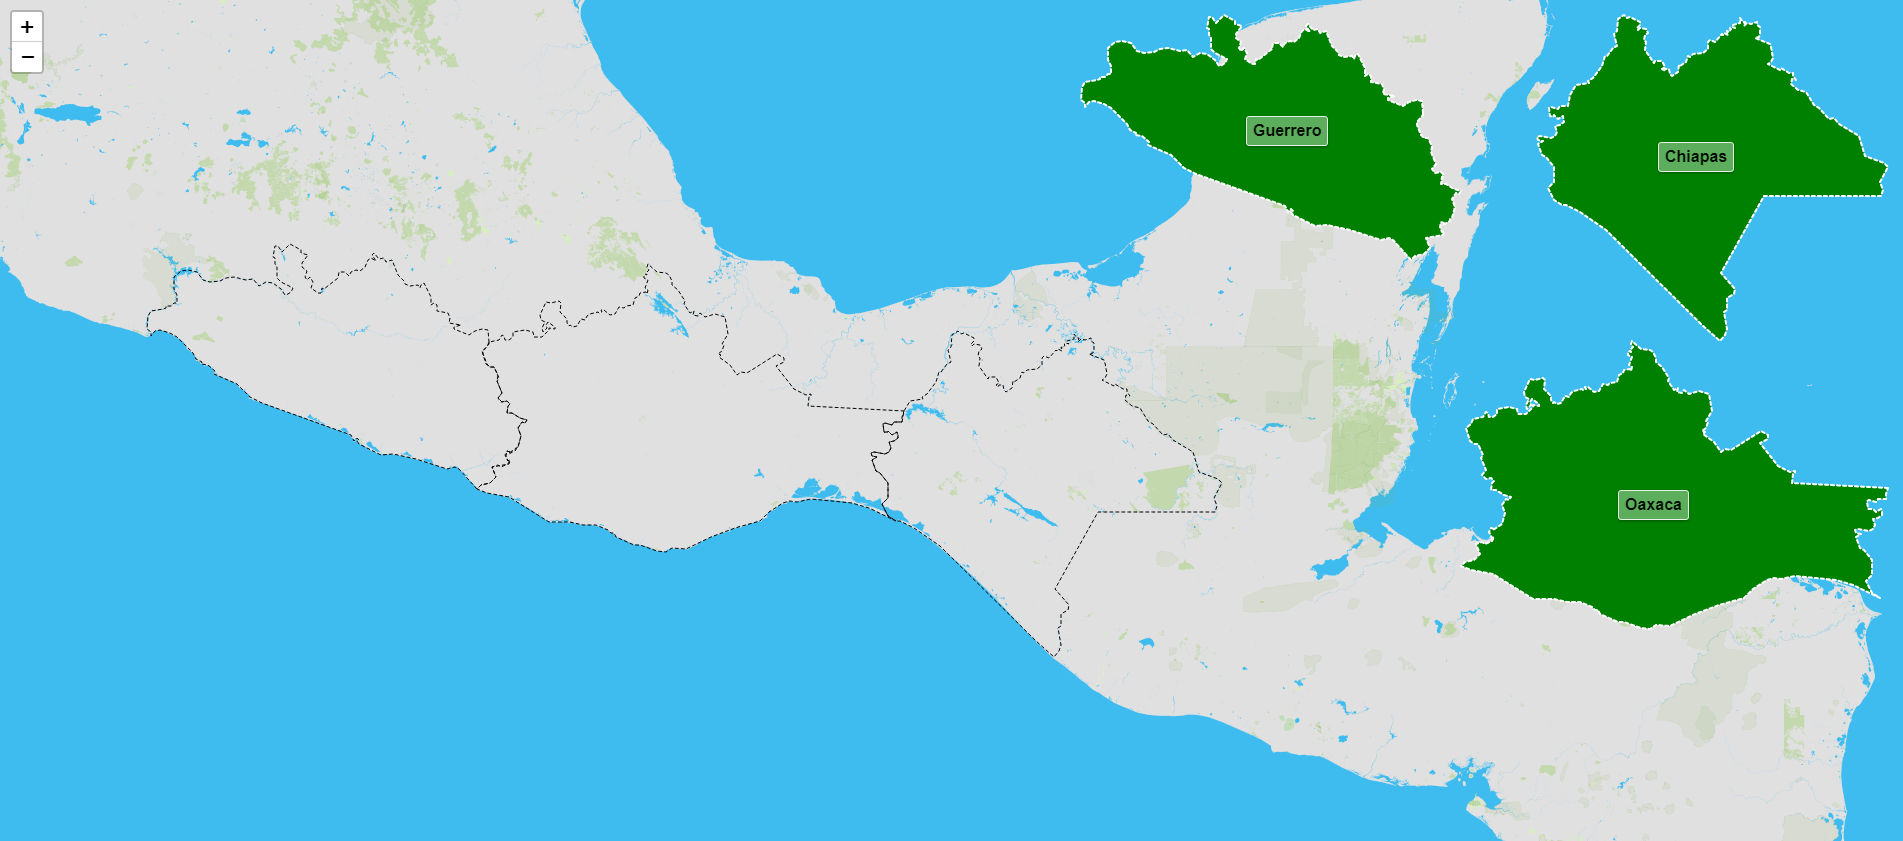 Estados de la región suroeste de México